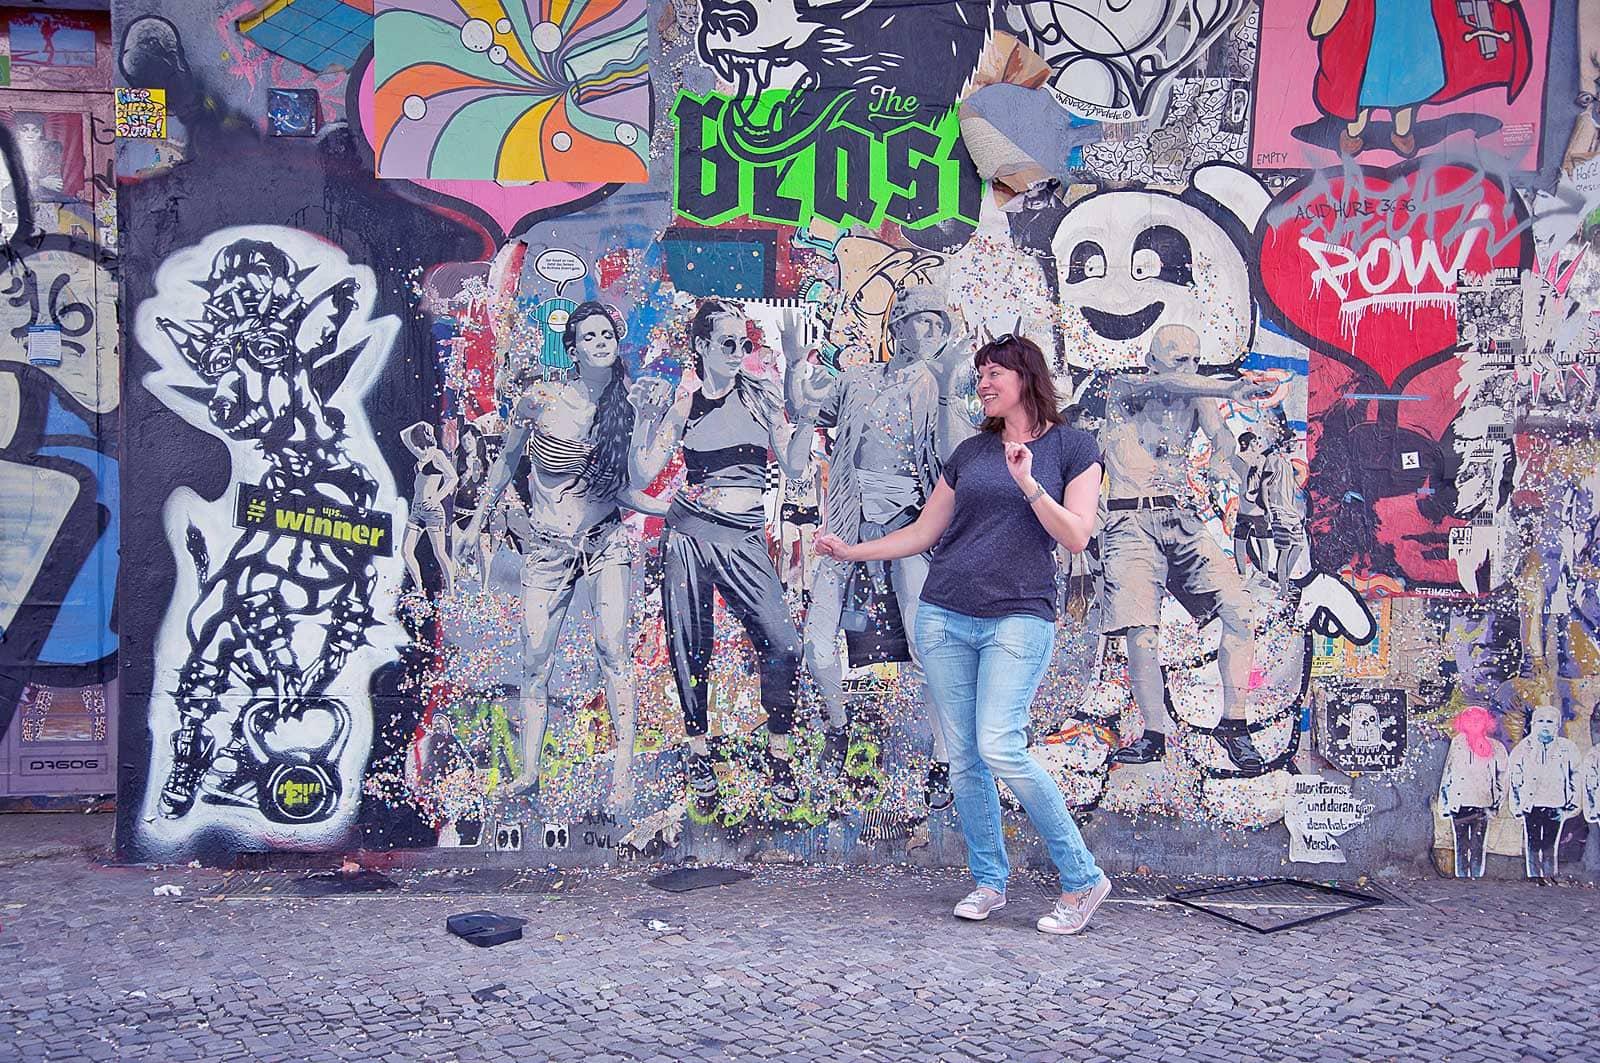 24 uur in Berlijn: meedansen met de Sobre meisjes